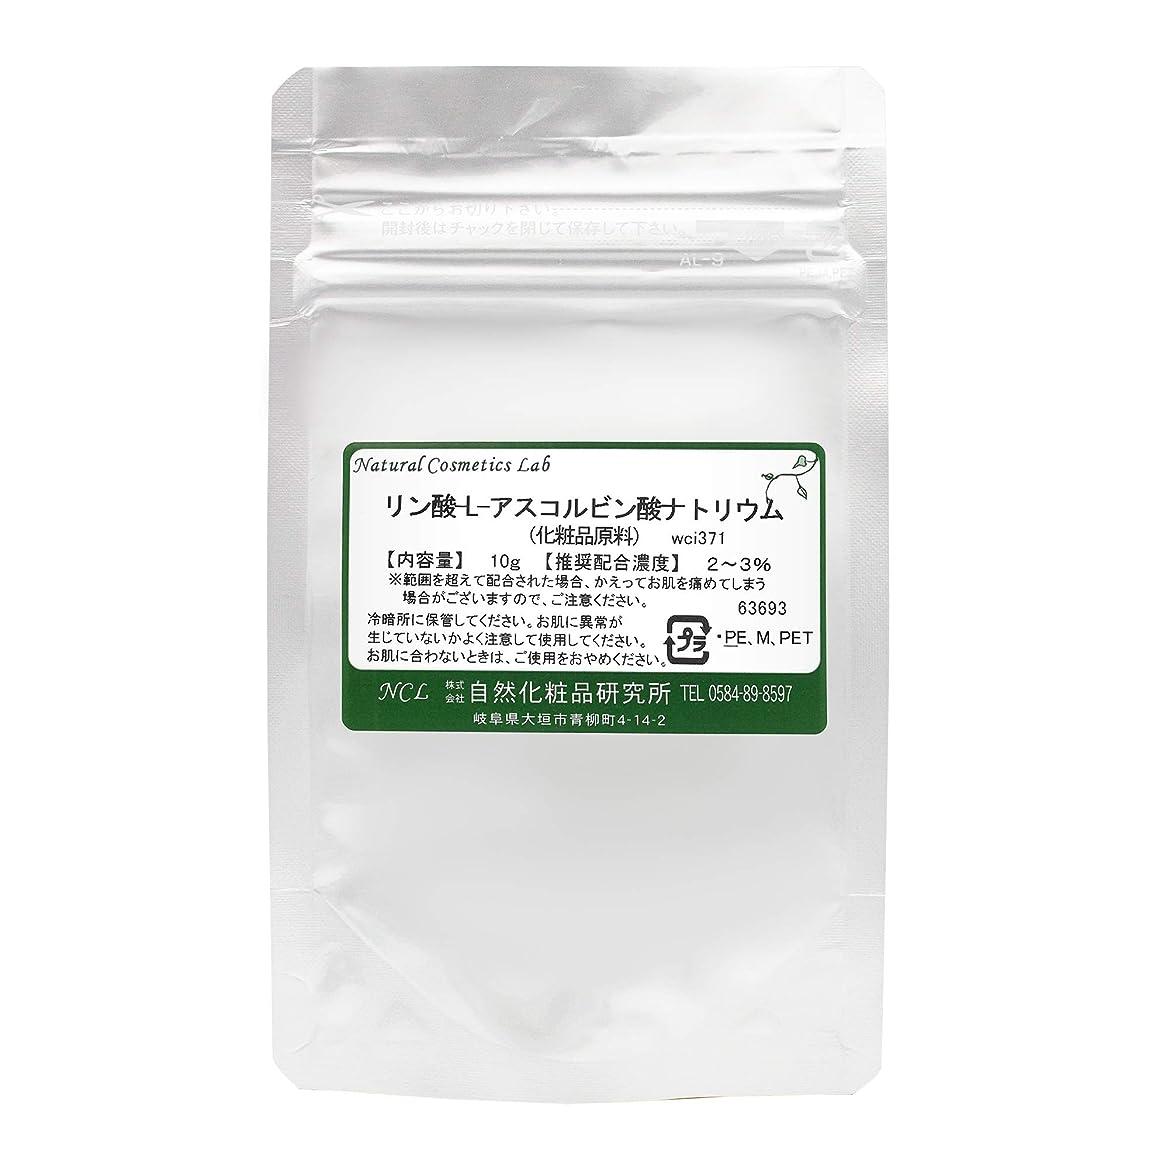 ディスコベンチャー累計ビタミンC誘導体 リン酸-L-アスコルビン酸ナトリウム 化粧品原料 10g